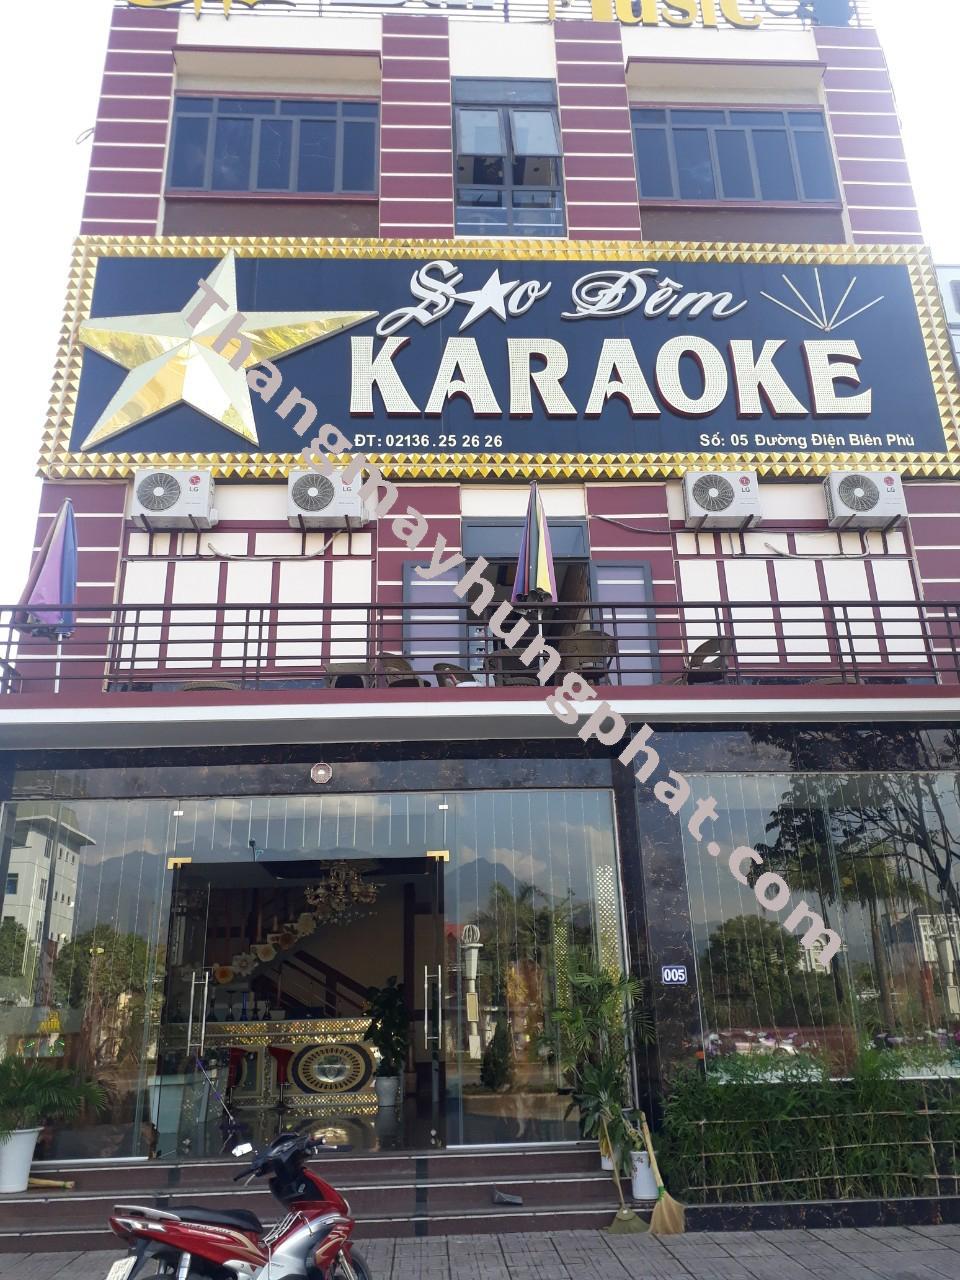 Lắp đặt thang máy tại TP. Lai Châu Chị Thỏa karaoke saodem